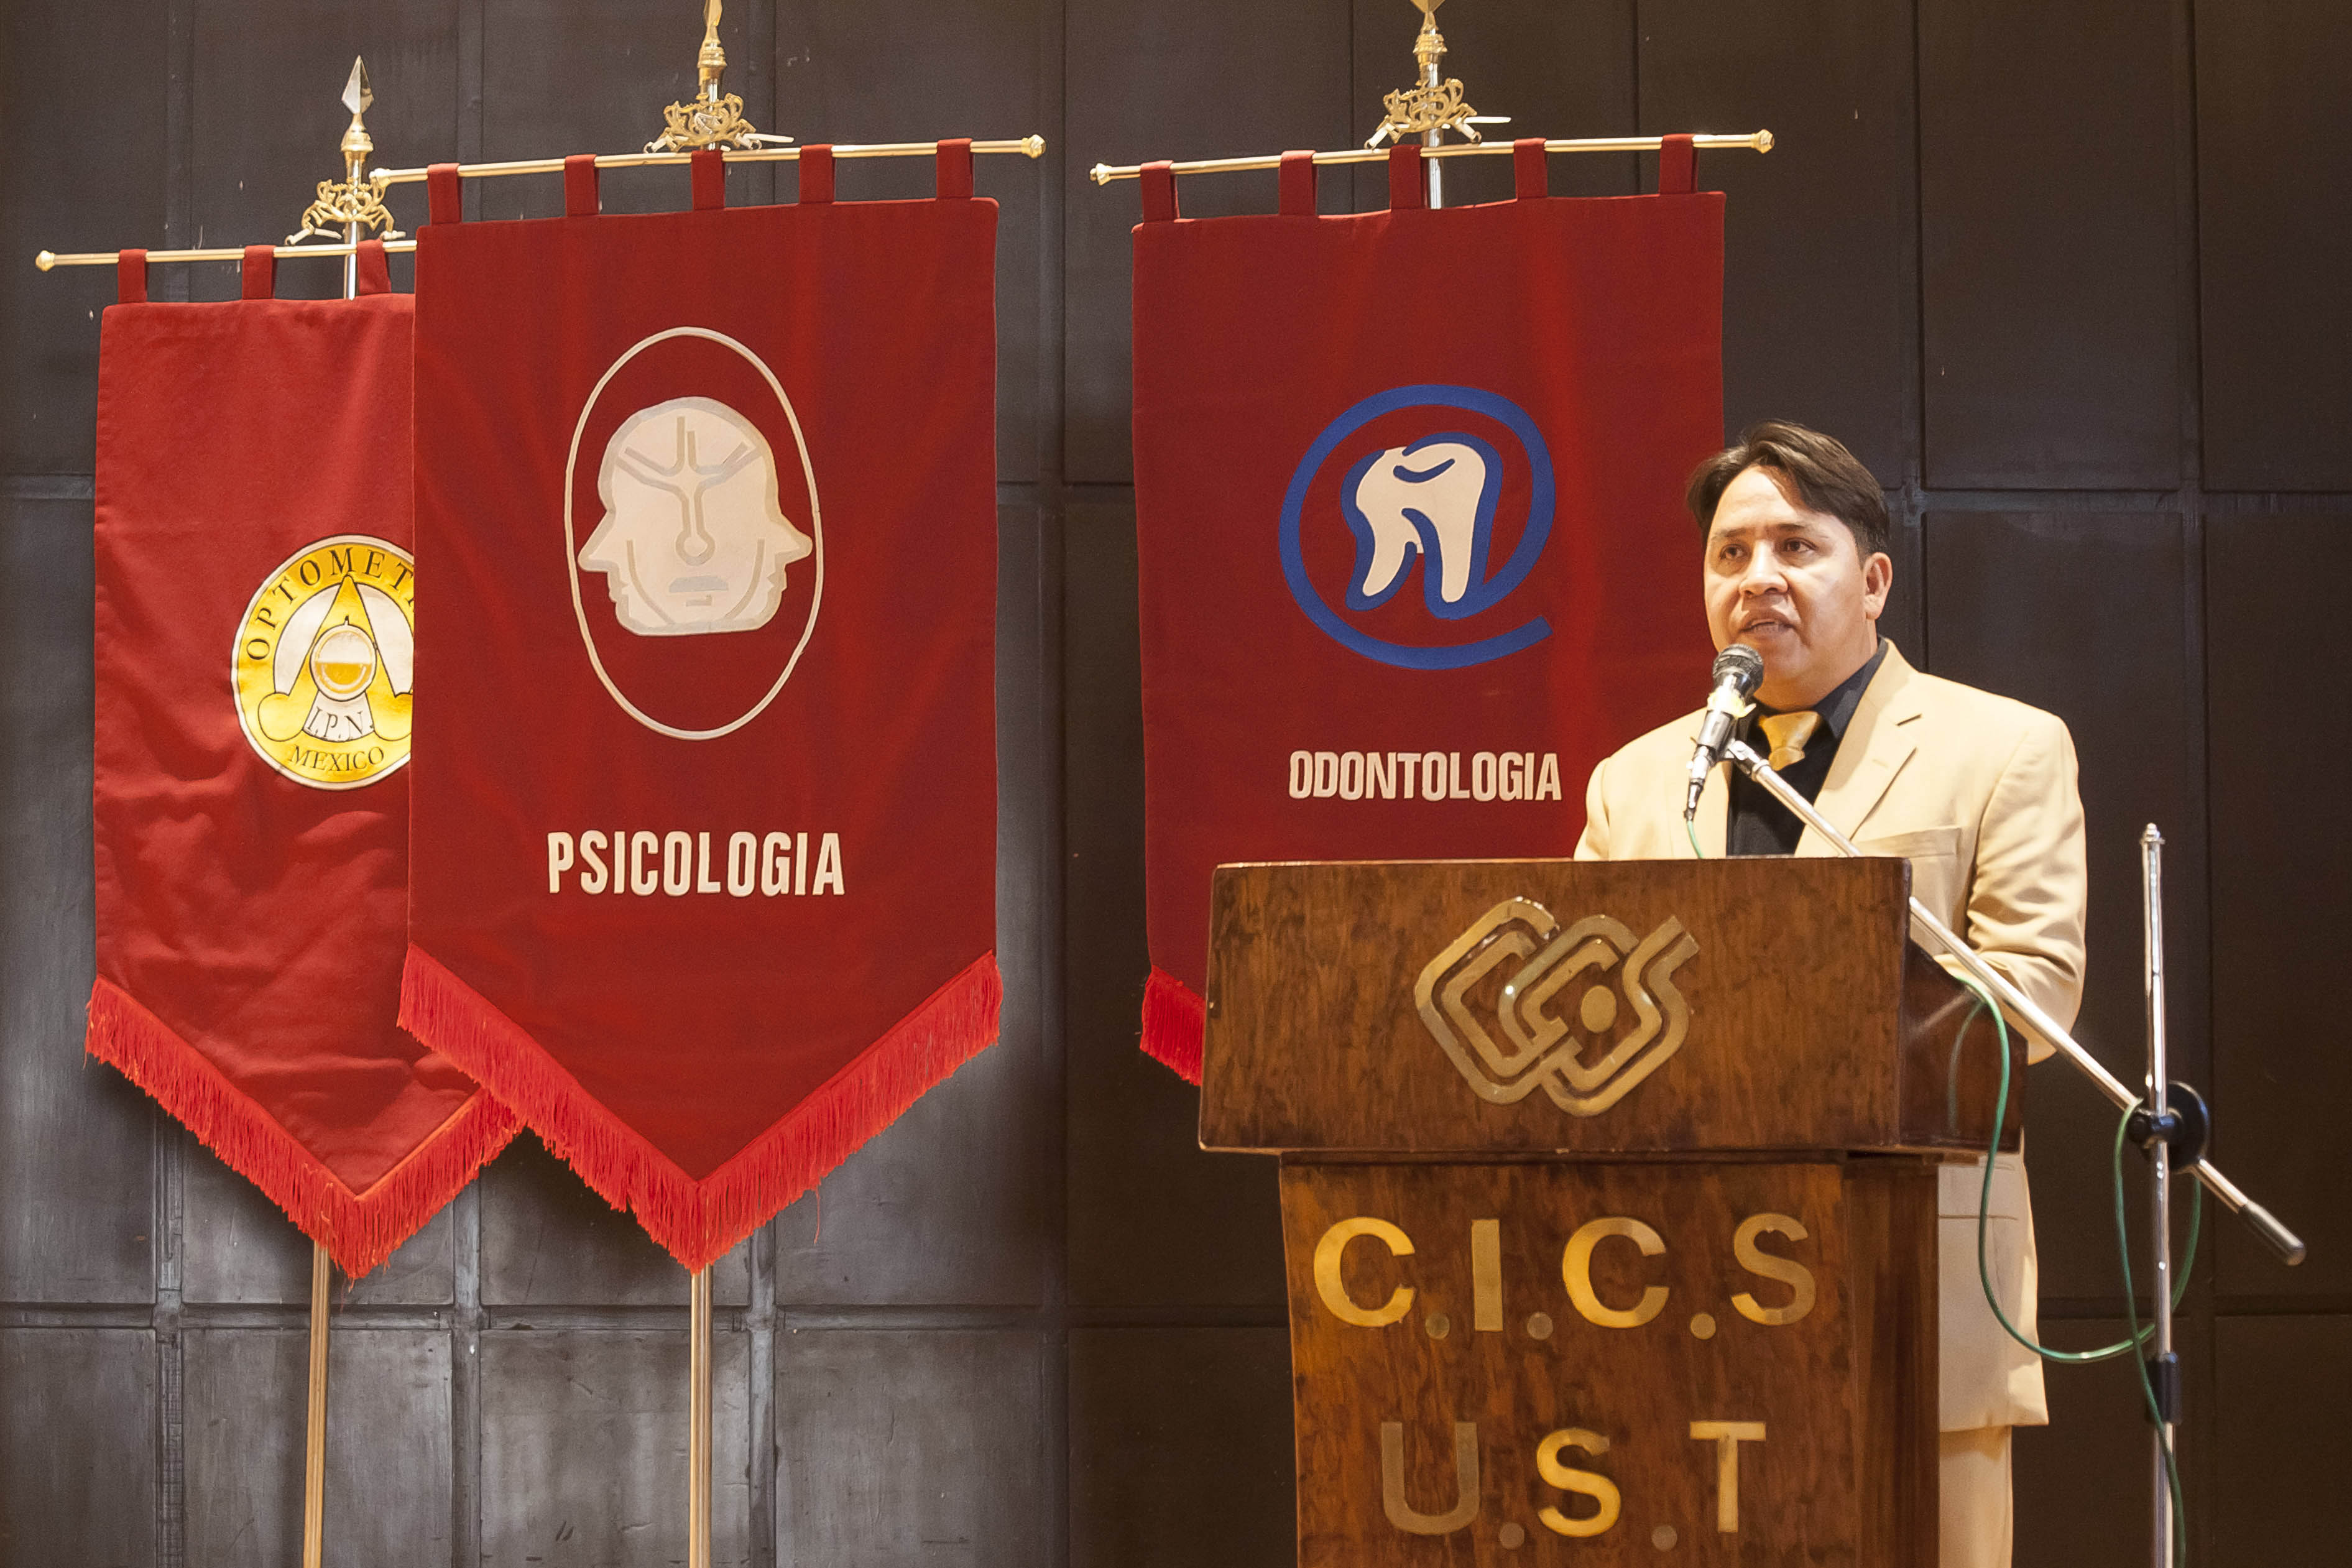 DIRECTOR DEL CICS-UST_DR. OMAR GARCÌA LIÈVALOS.jpg